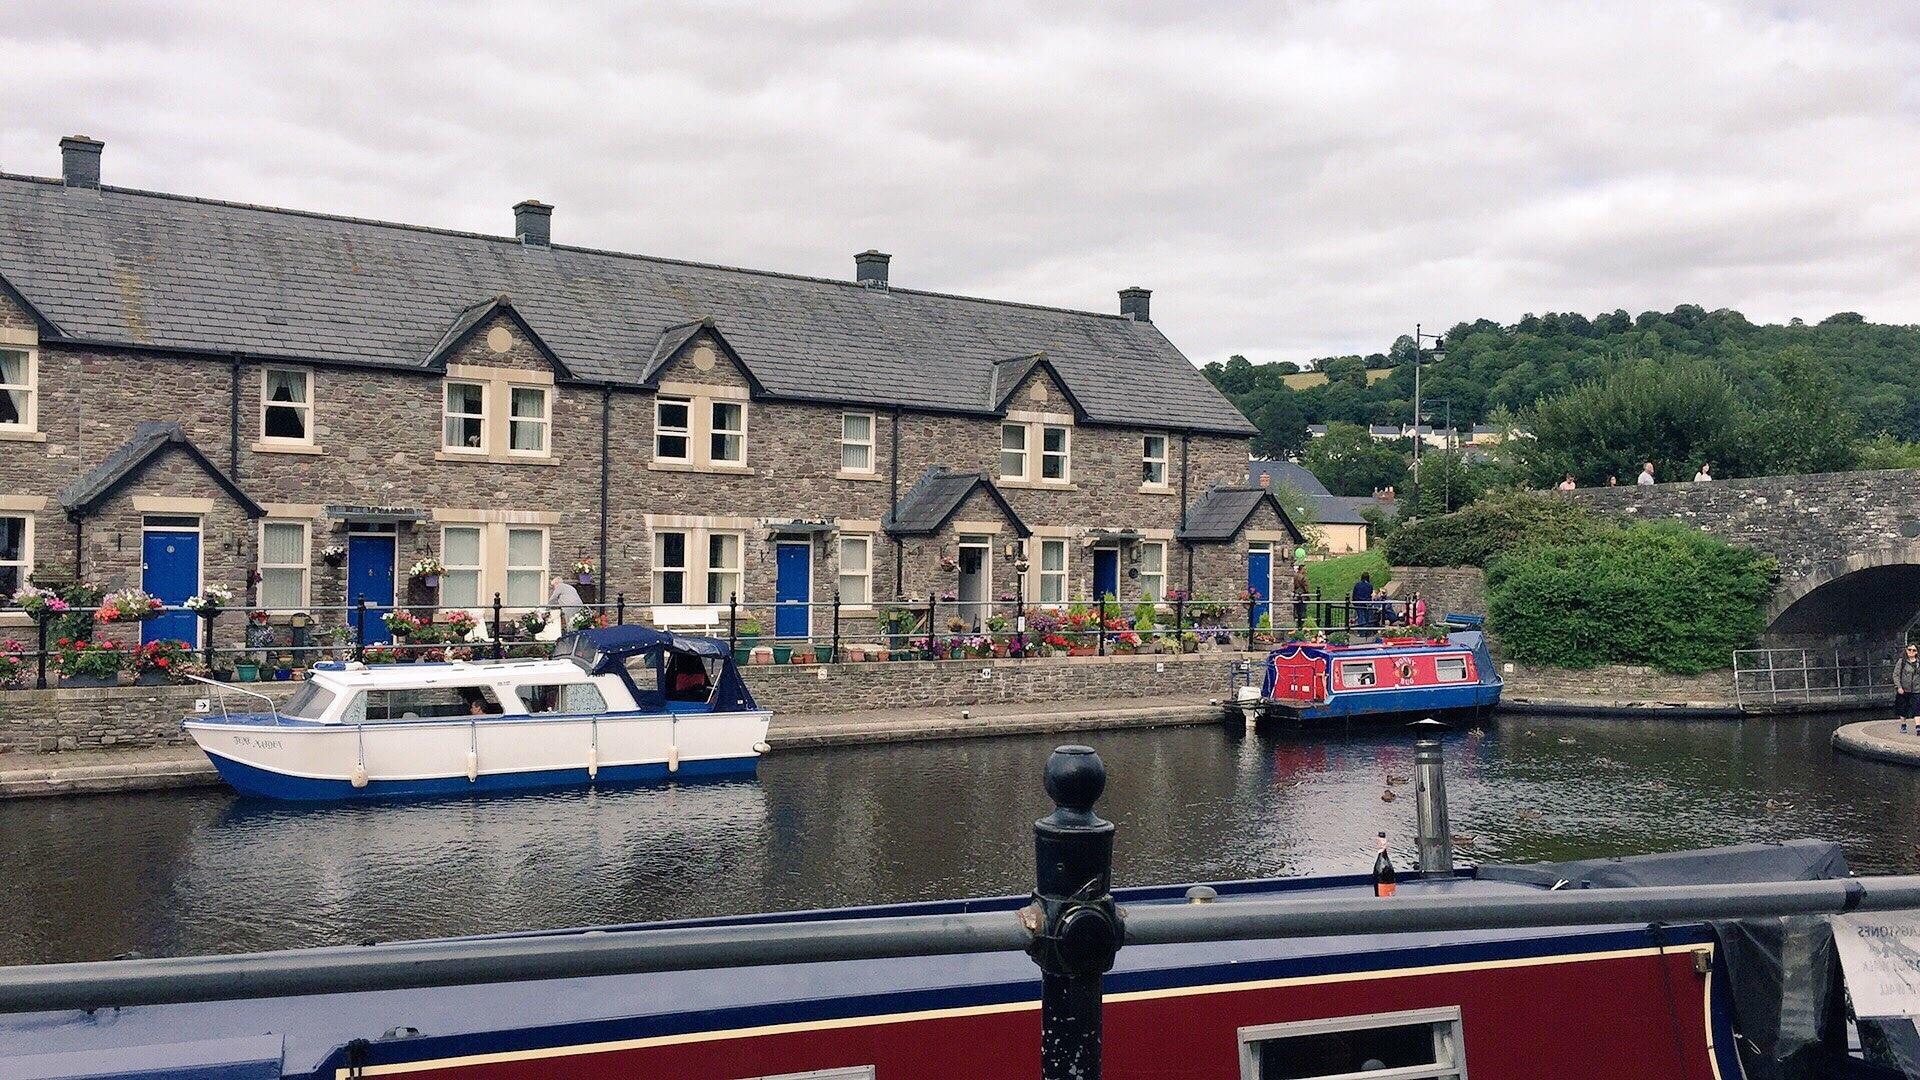 Llanelly, Abergavenny, Wales, United Kingdom